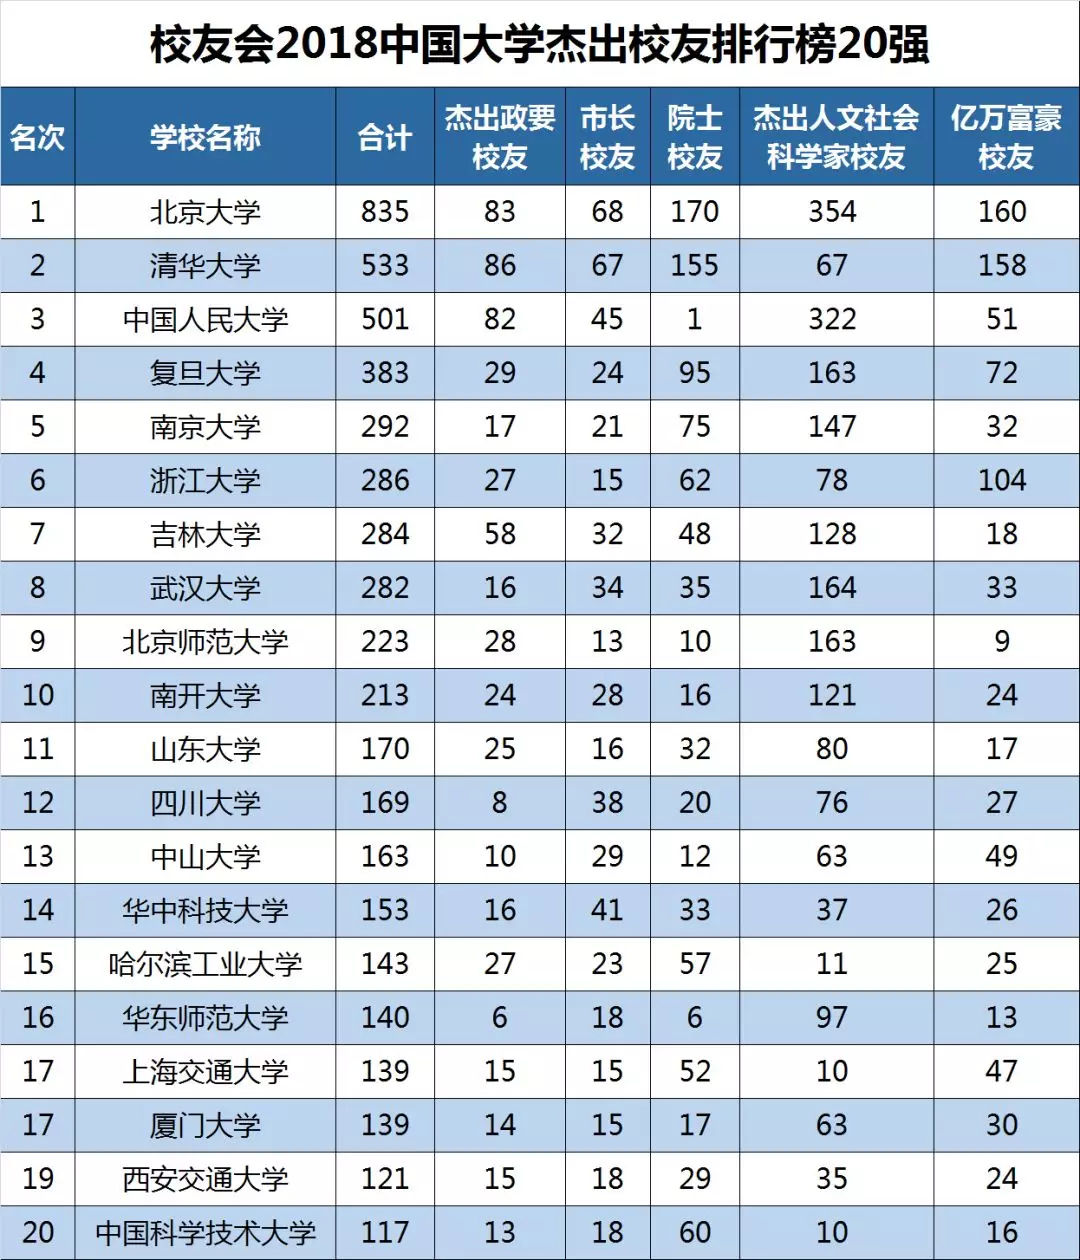 2018大学排行榜_2018中国各区域大学排行榜10强全新出炉 这些大学入围东